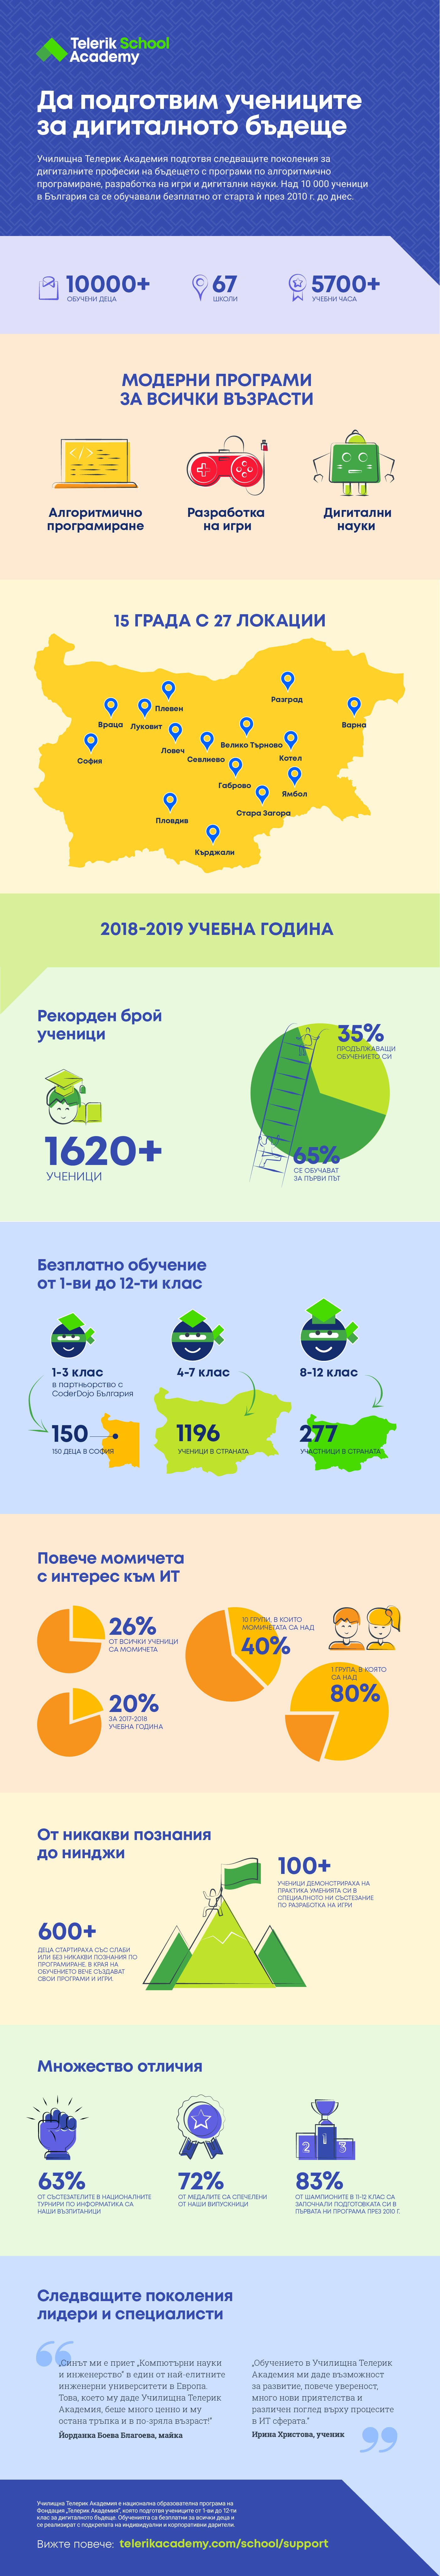 Infographic - Telerik Academy School